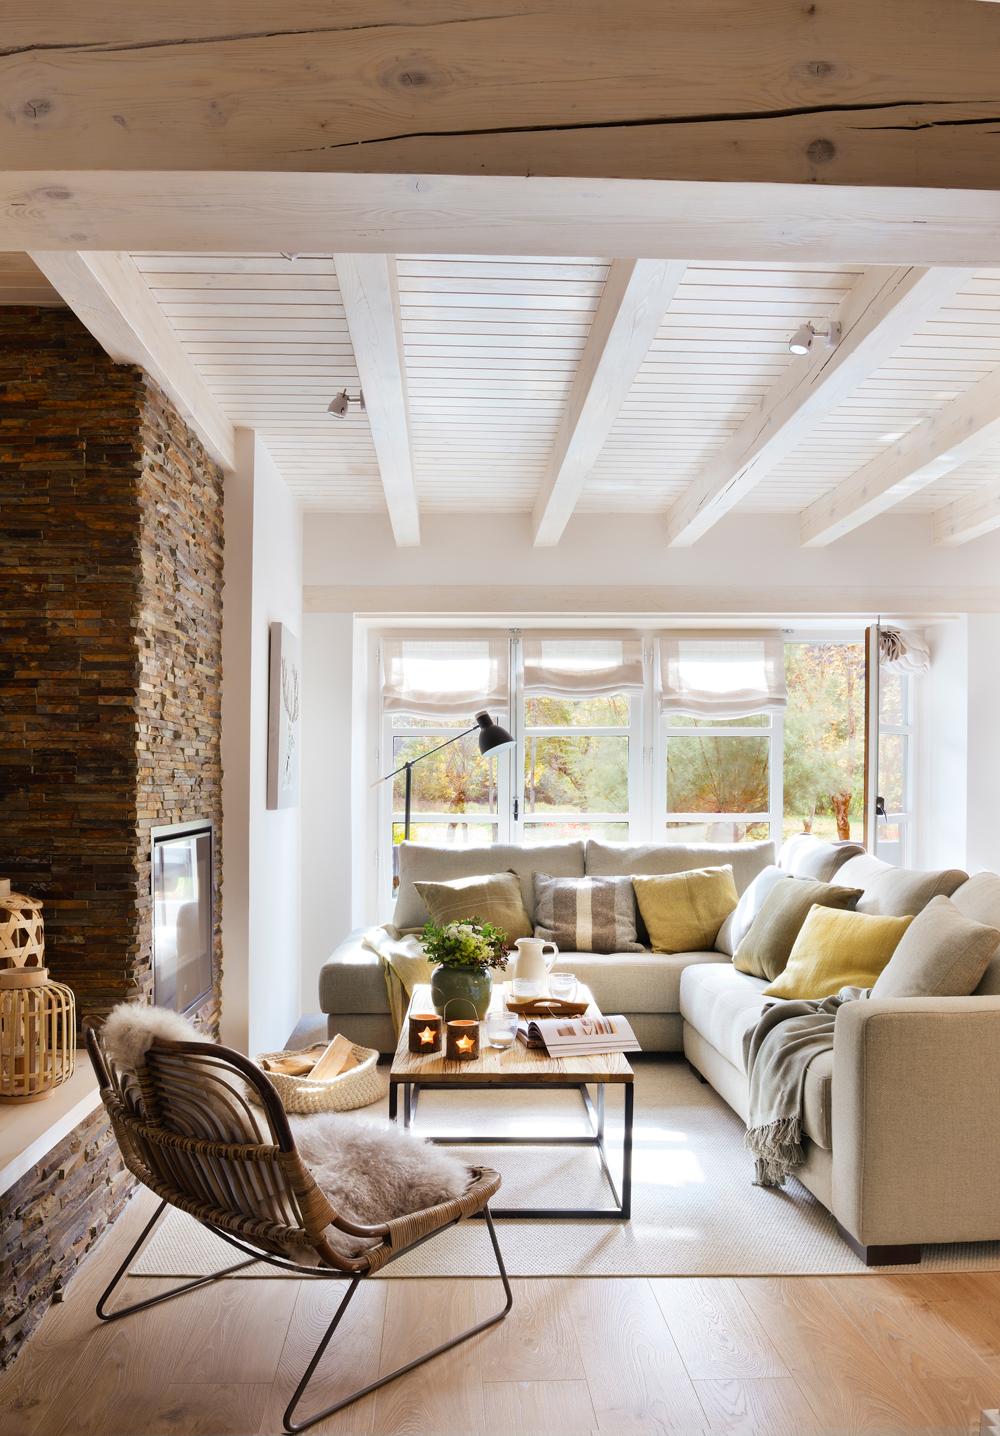 Salones peque os con muebles que aprovechan cada cent metro - Decorar salones rusticos ...